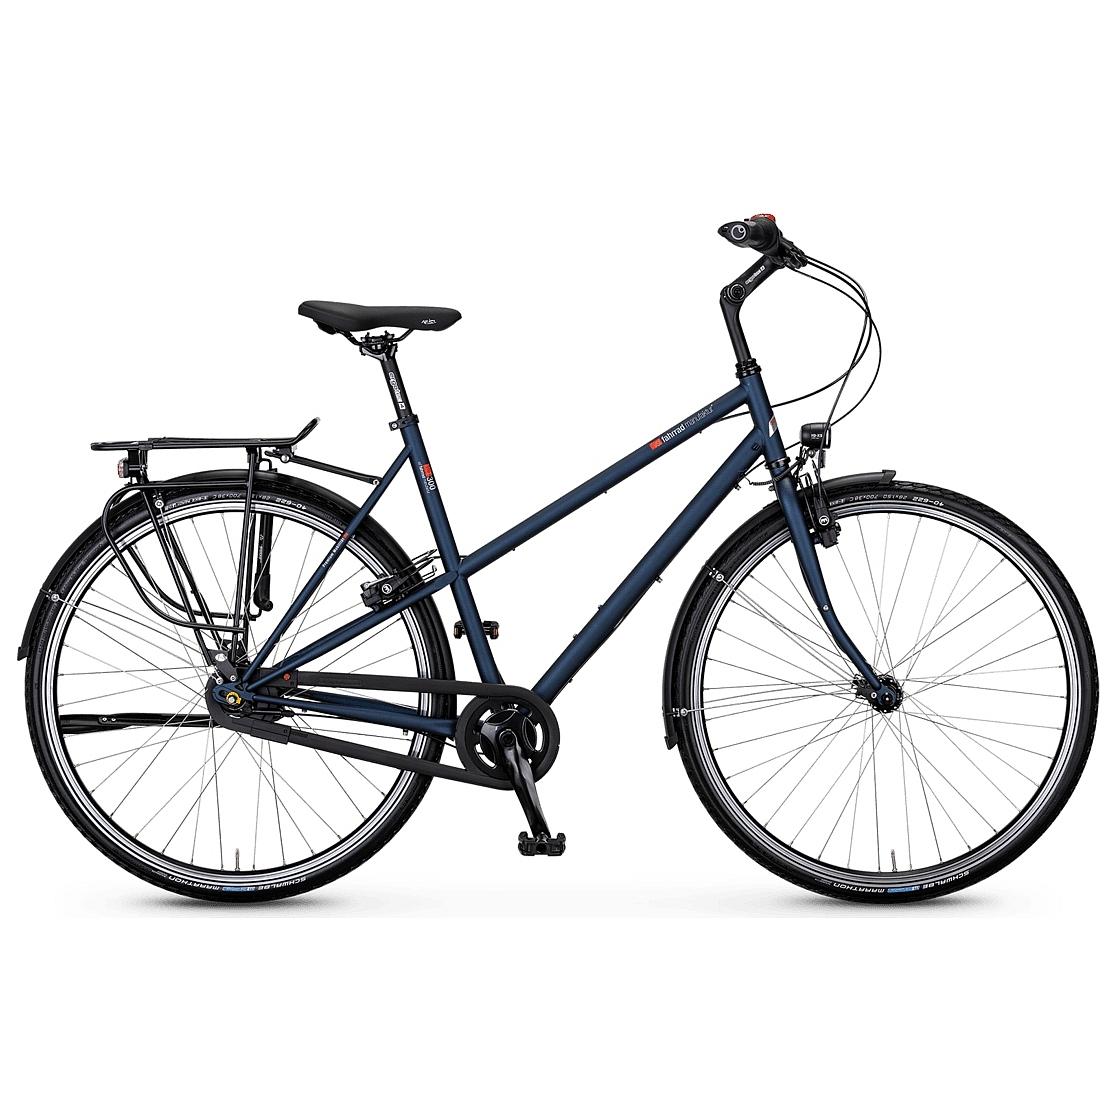 vsf fahrradmanufaktur T-300 HS33 Nexus - Damen Trekkingrad - 2021 - midnight matt